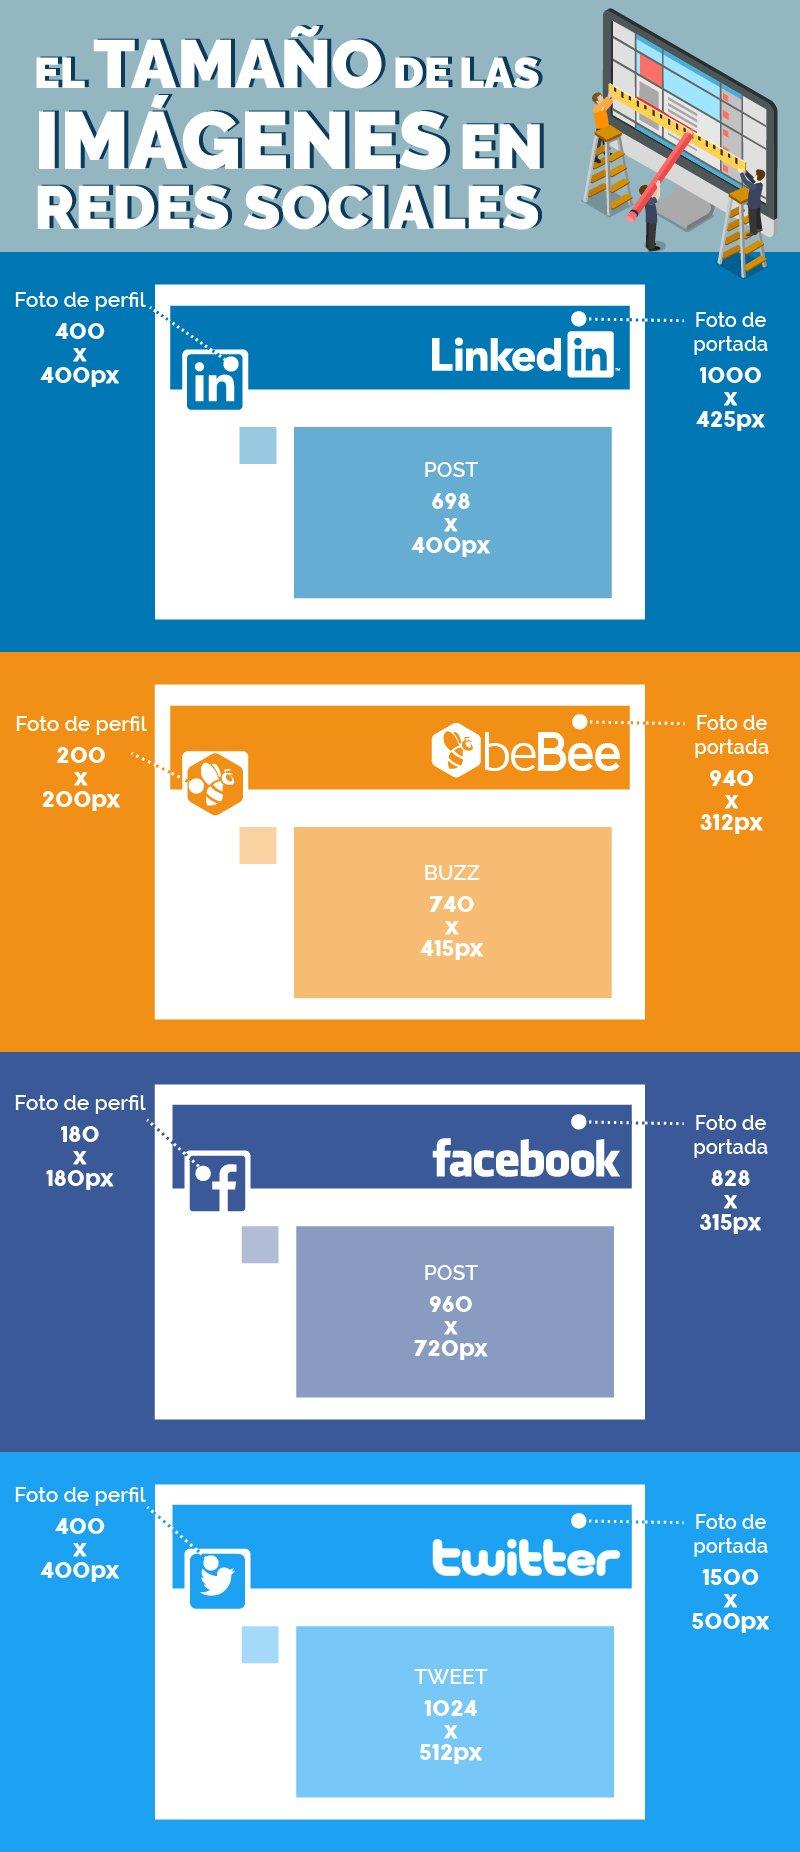 tamano-imagenes-redes-sociales-infografia